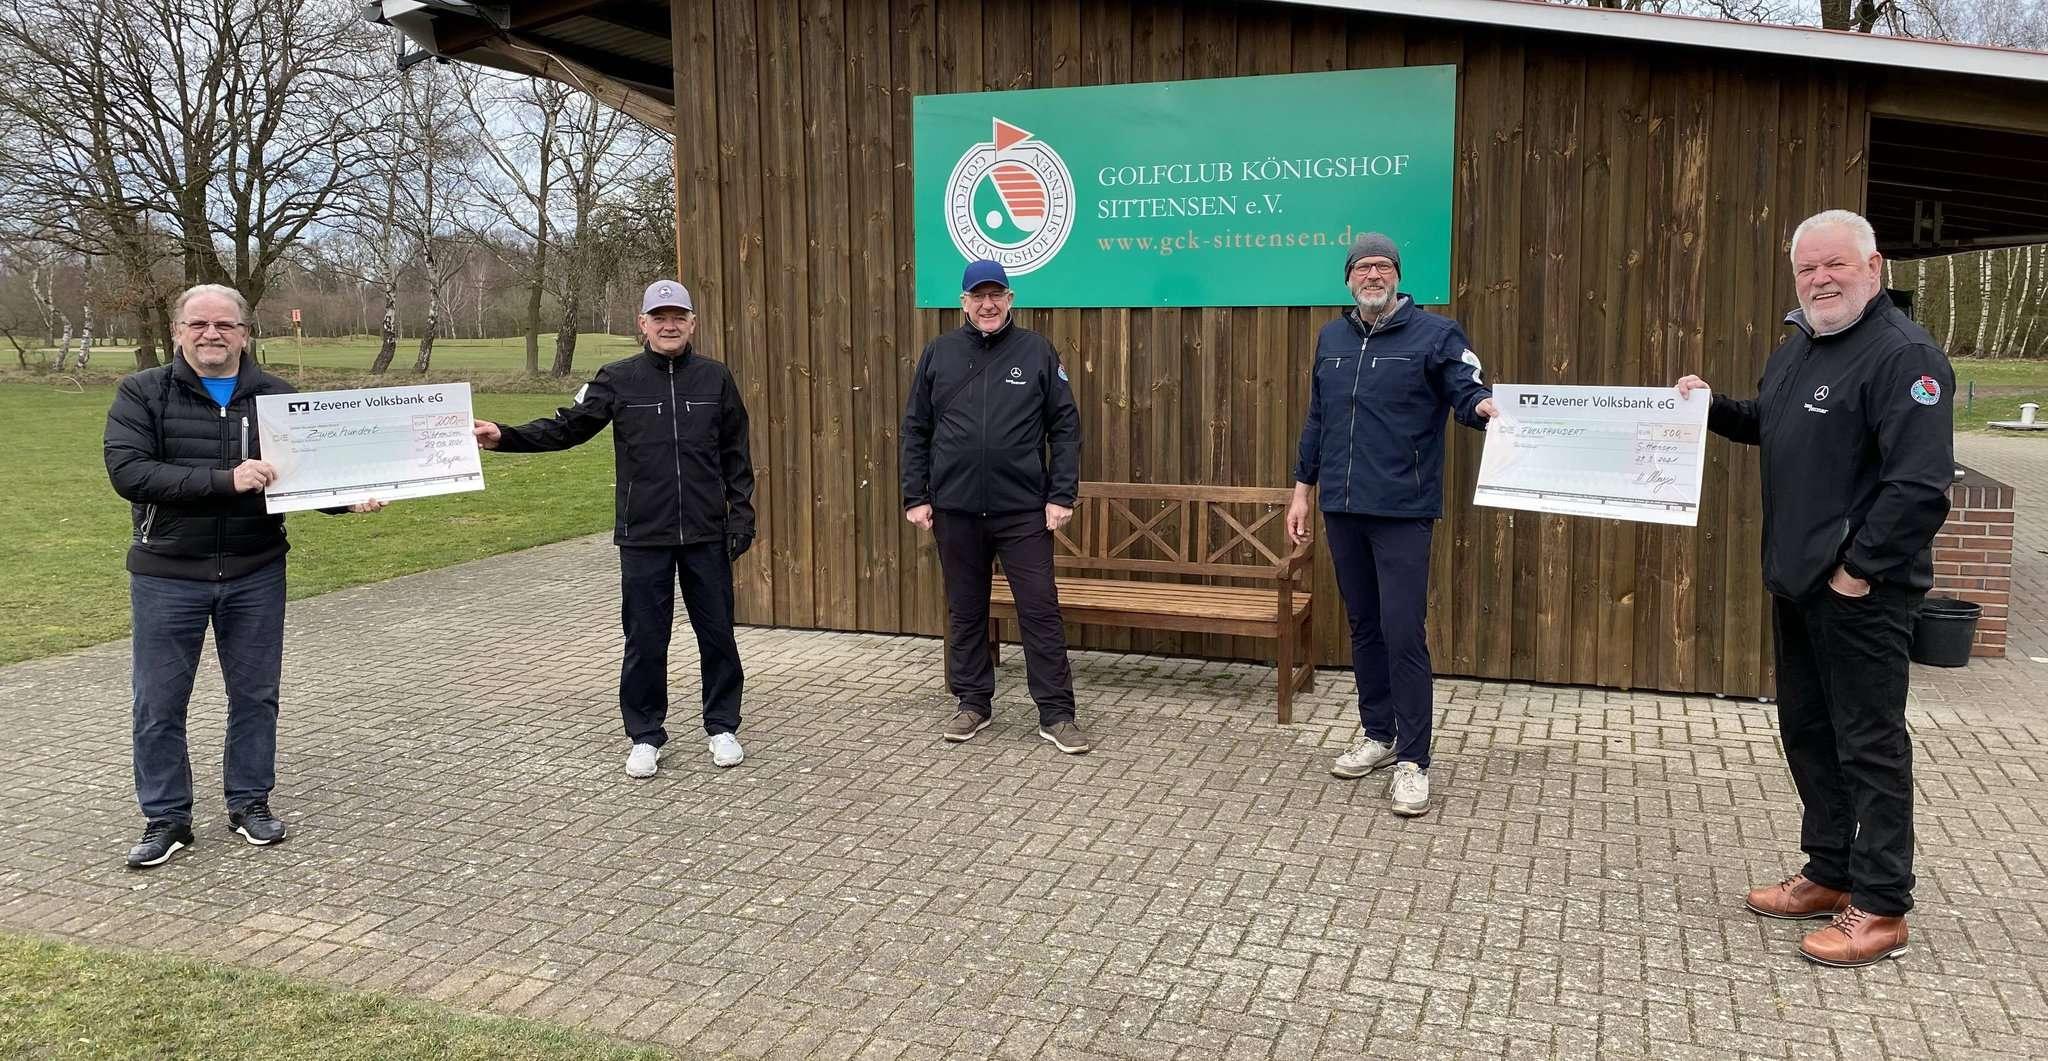 Scheckübergabe im Sittenser Golfclub Königshof durch Horst Wenger (rechts), Klaus von Bargen (links) und Diedrich Riepshoff (Mitte) an Carsten Ehrig Zweiter von rechts) und Mathias Buschbeck (Zweiter von links).